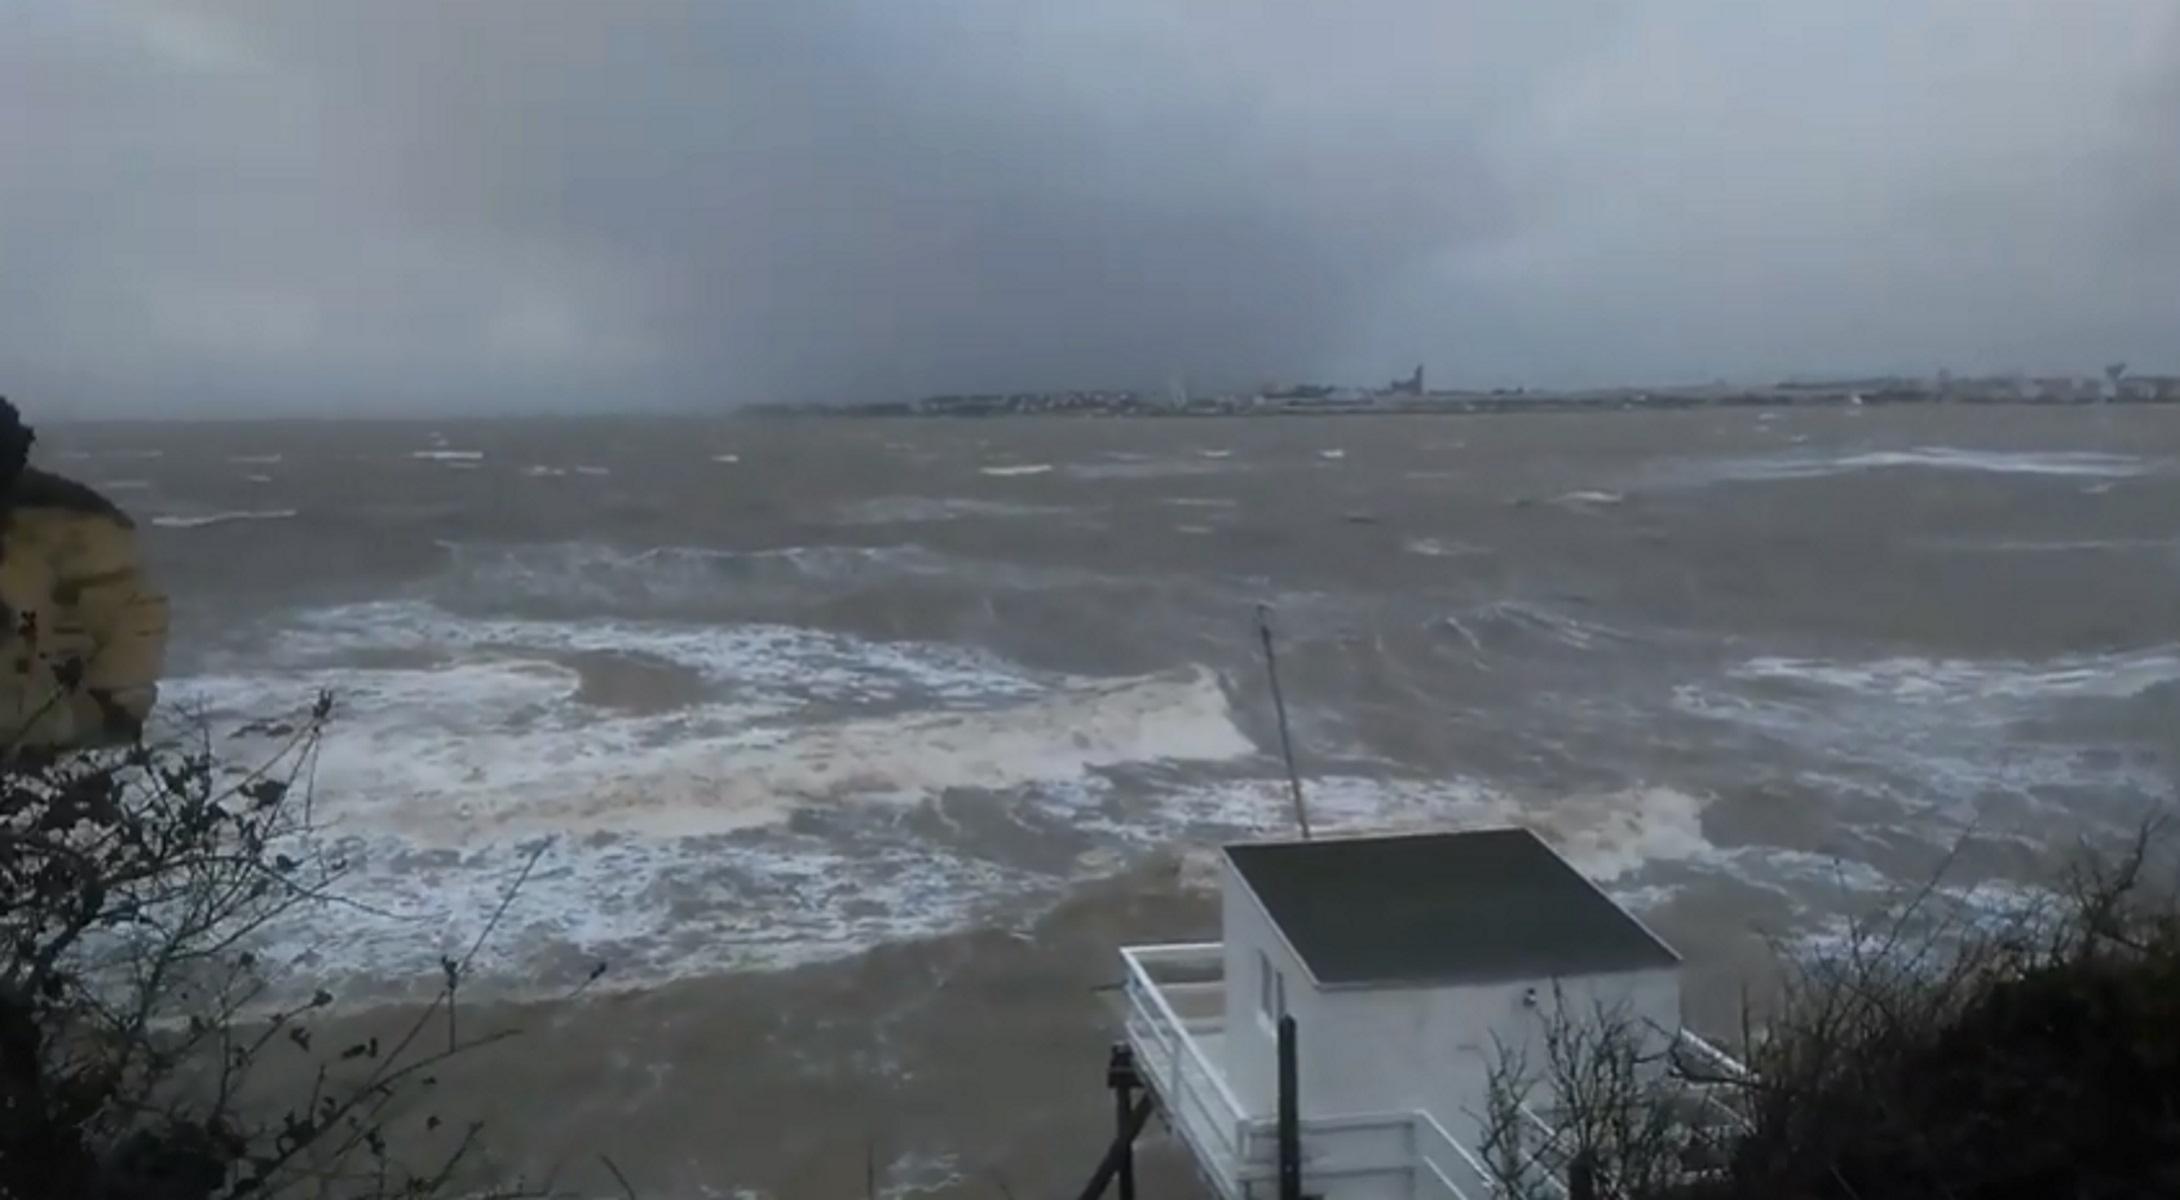 Η καταιγίδα Αμελί σαρώνει τη νοτιοανατολική Γαλλία - Χωρίς ρεύμα 140.000 νοικοκυριά - Video